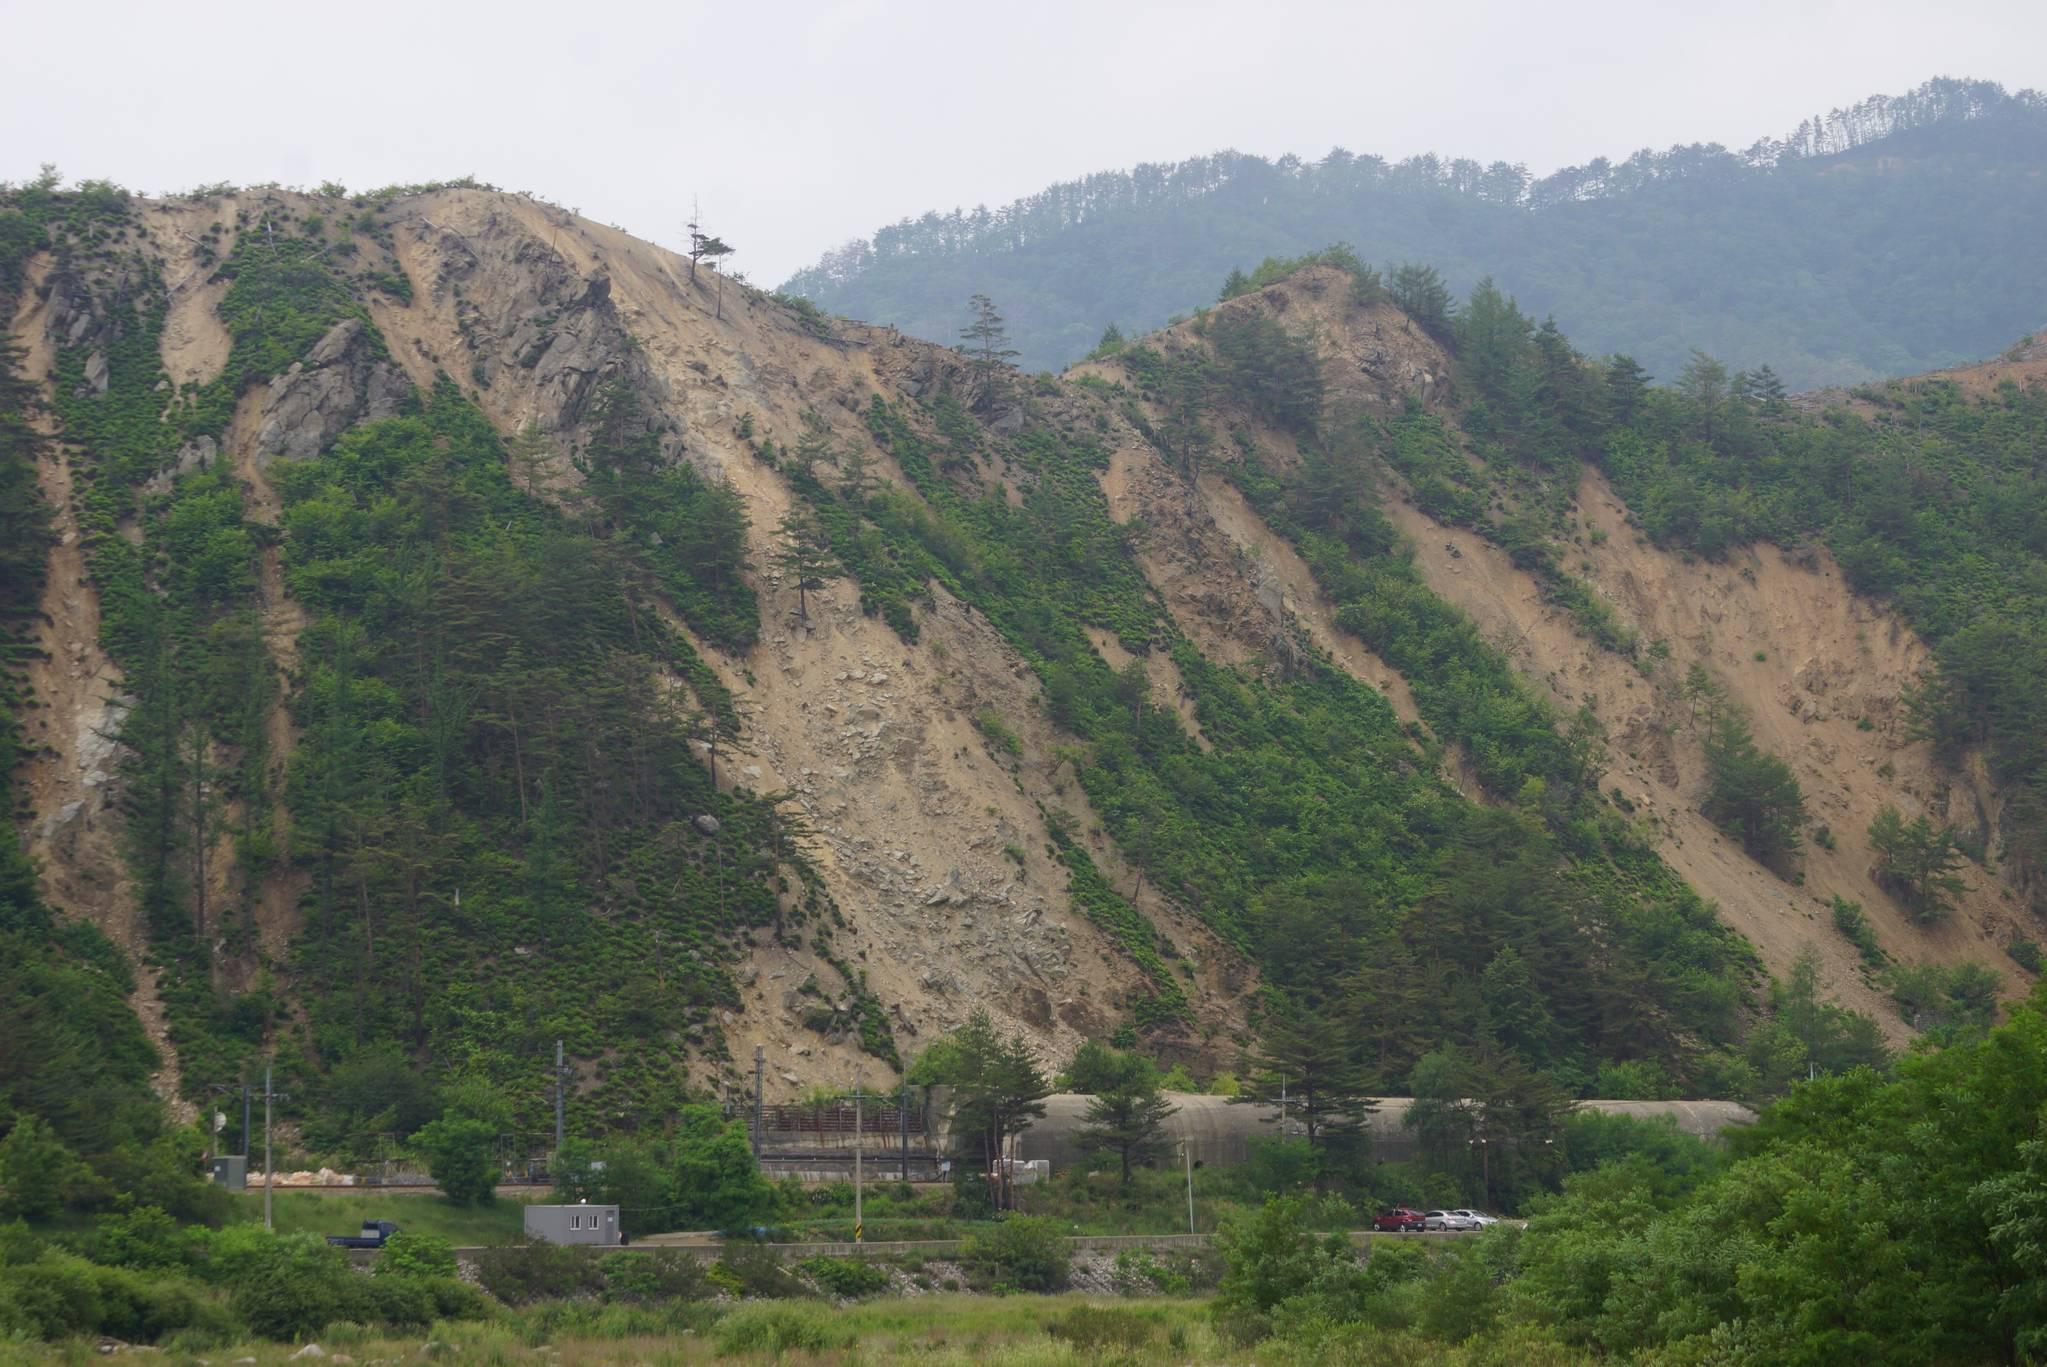 석포제련소 인근 산림이 훼손되면서 이로 인해 낙석사고와 열차 탈선 사고도 발생했다. 강찬수 기자